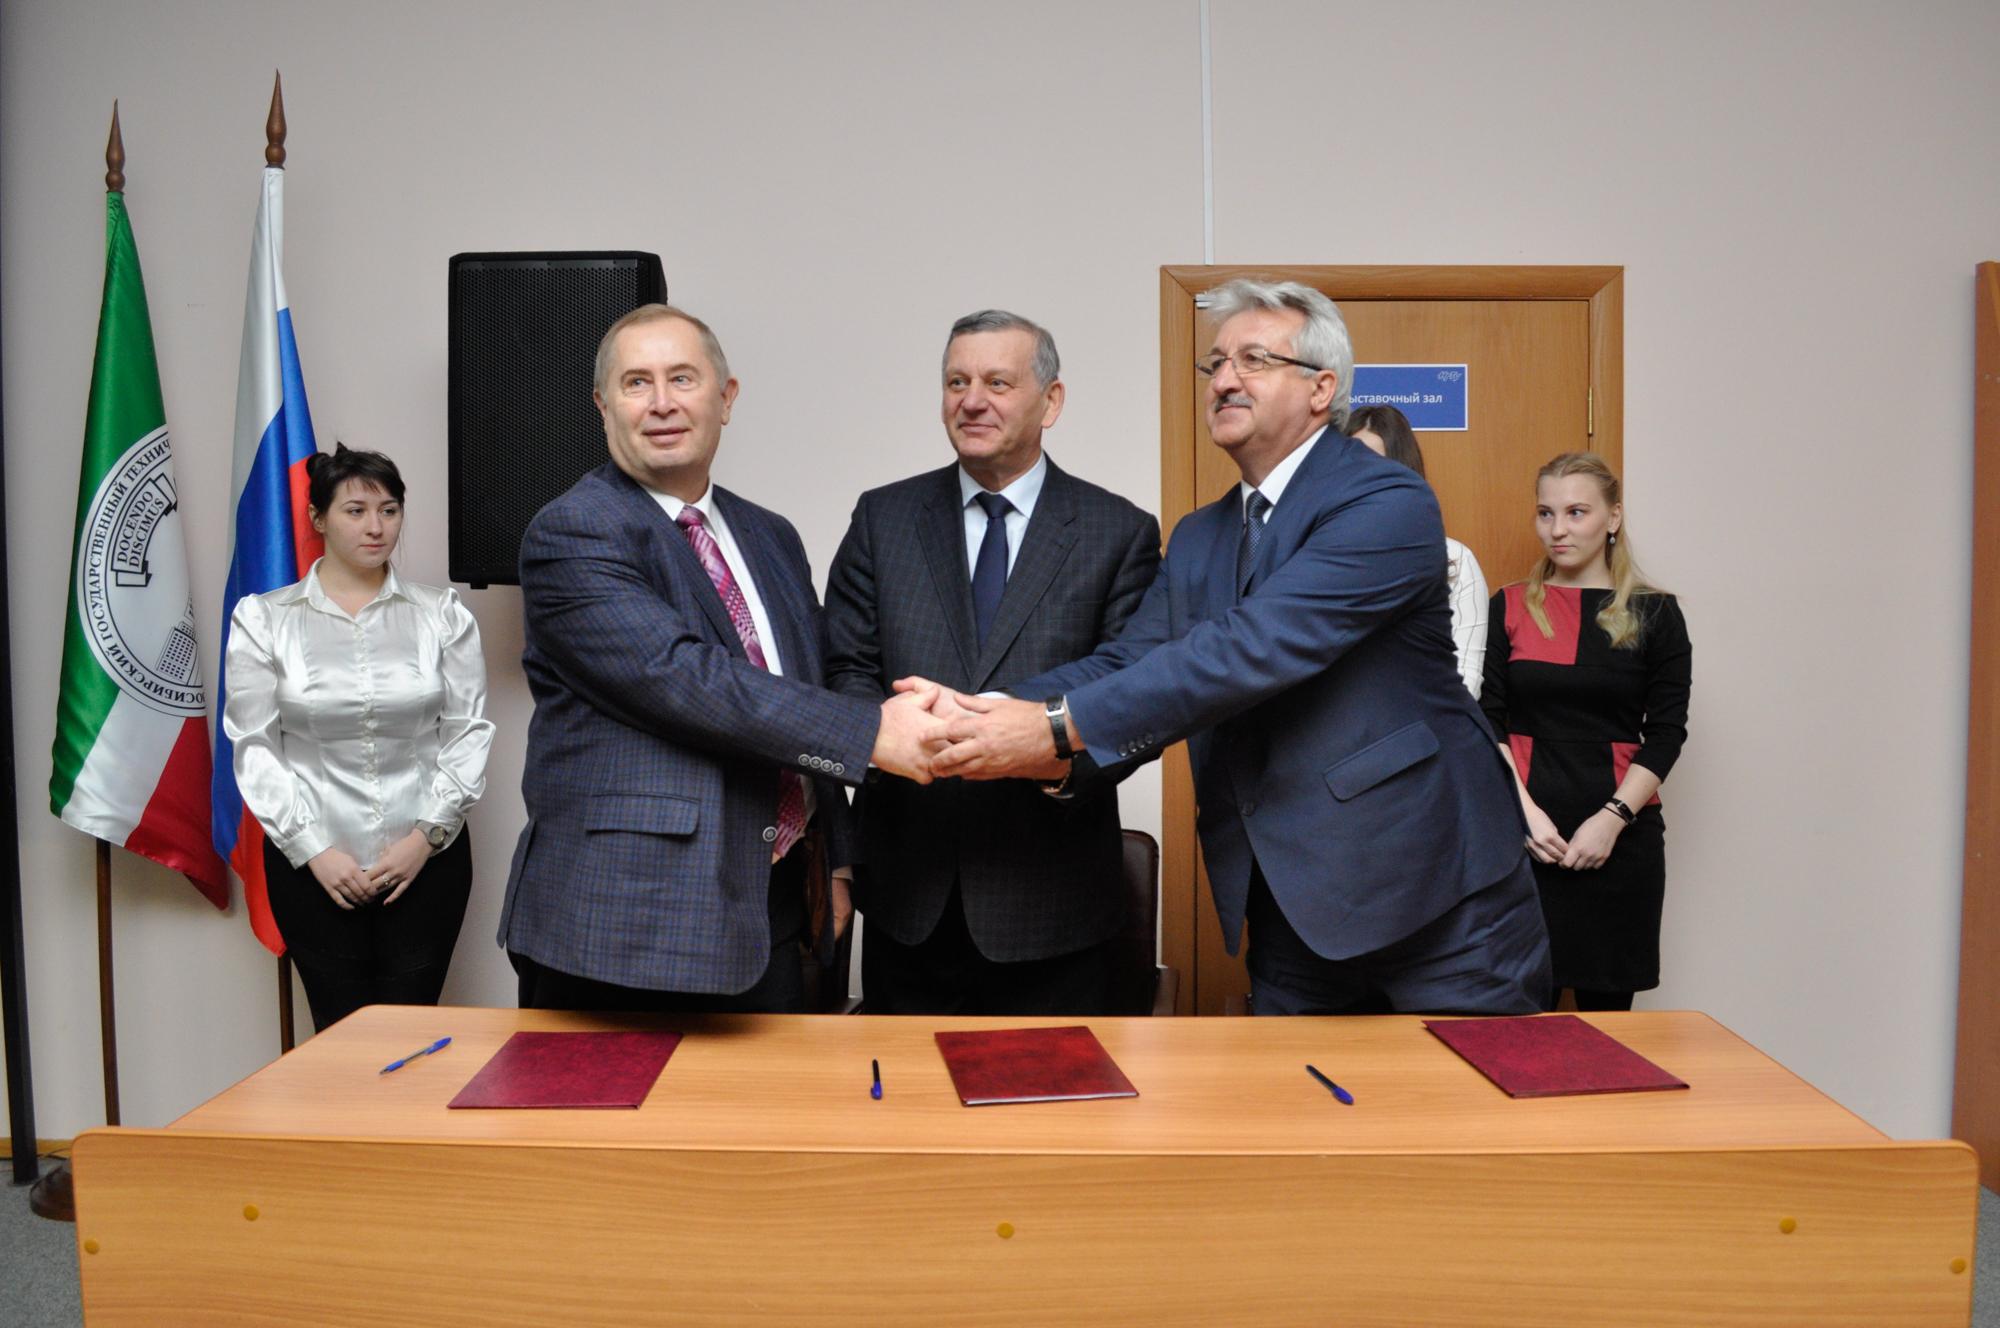 Центр подготовки кадров для цифровой экономики открыт в Новосибирске